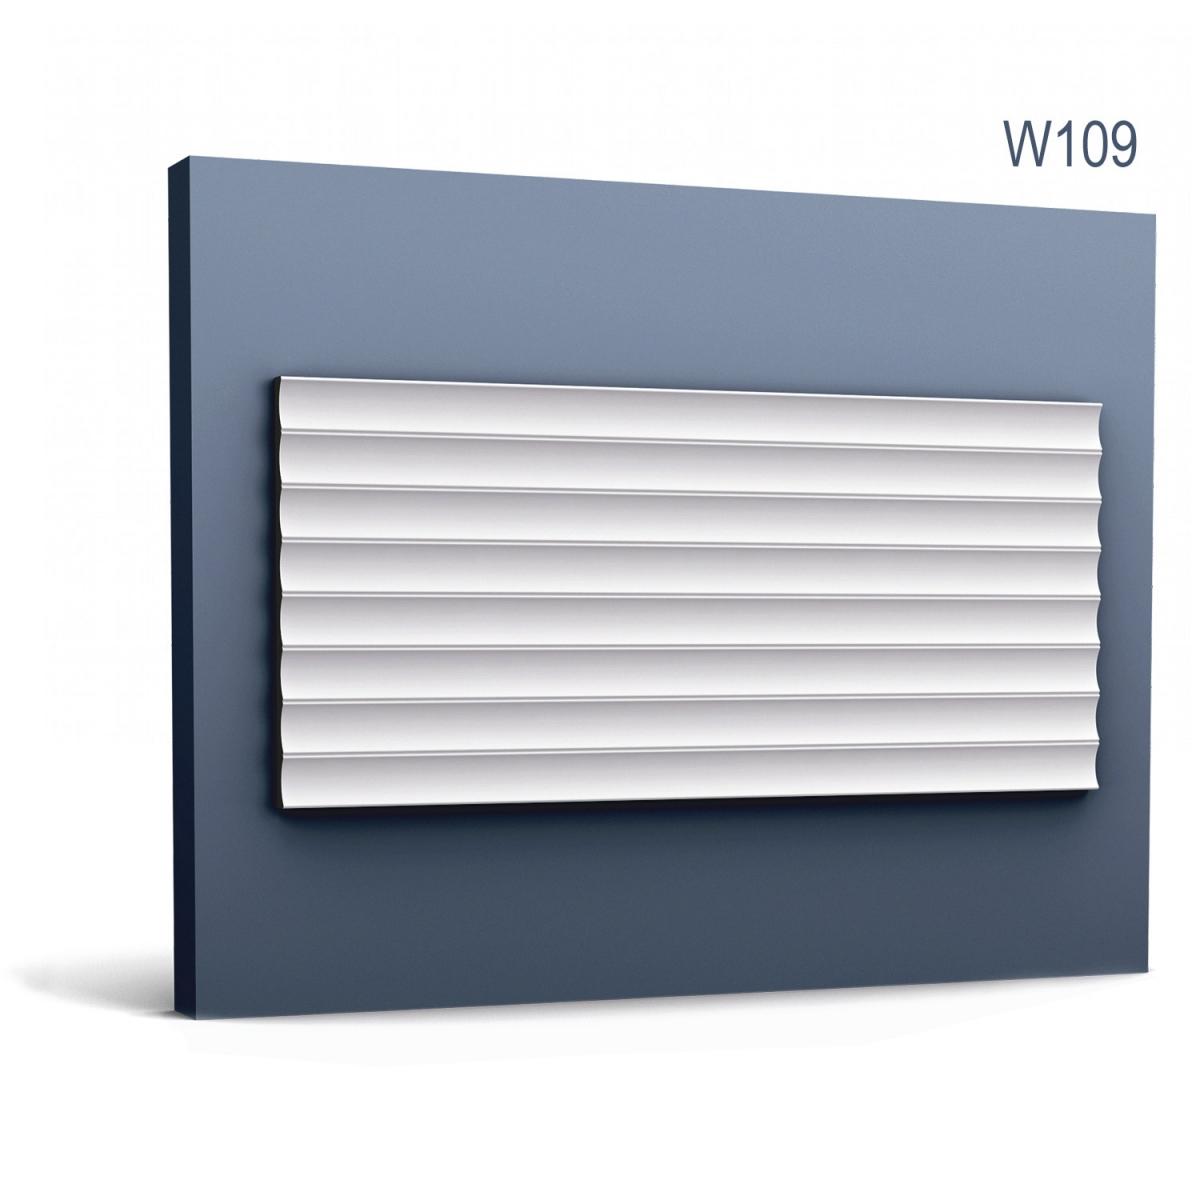 Panel Modern W109, Dimensiuni: 200 X 25 X 1.8 cm, Orac Decor